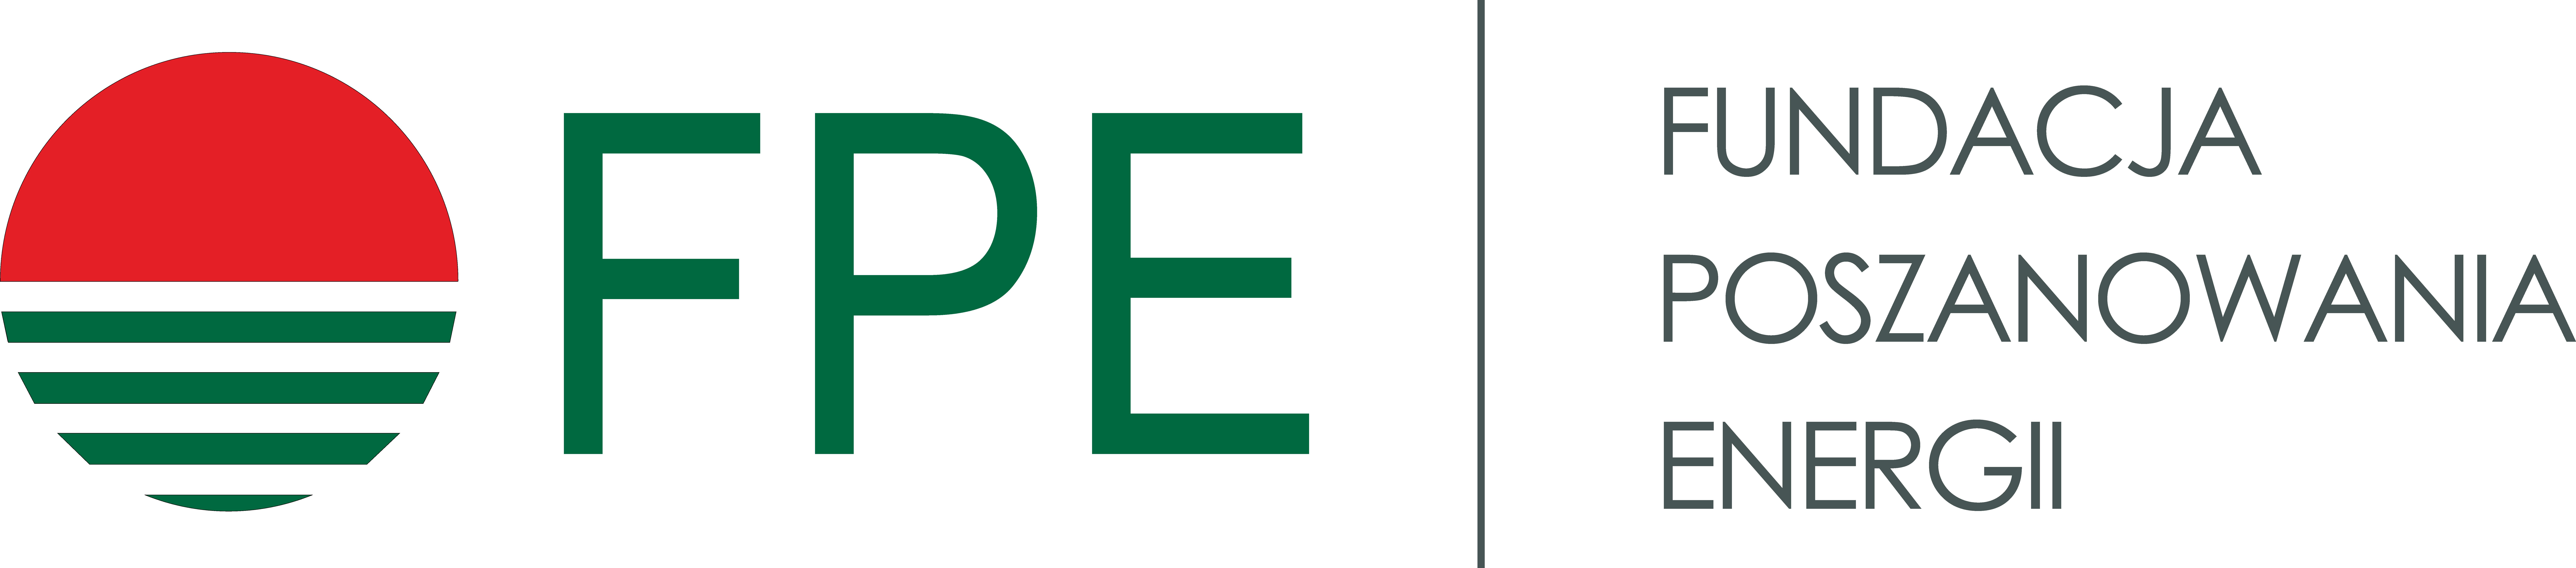 Logo Fundacja Poszanowania Energii